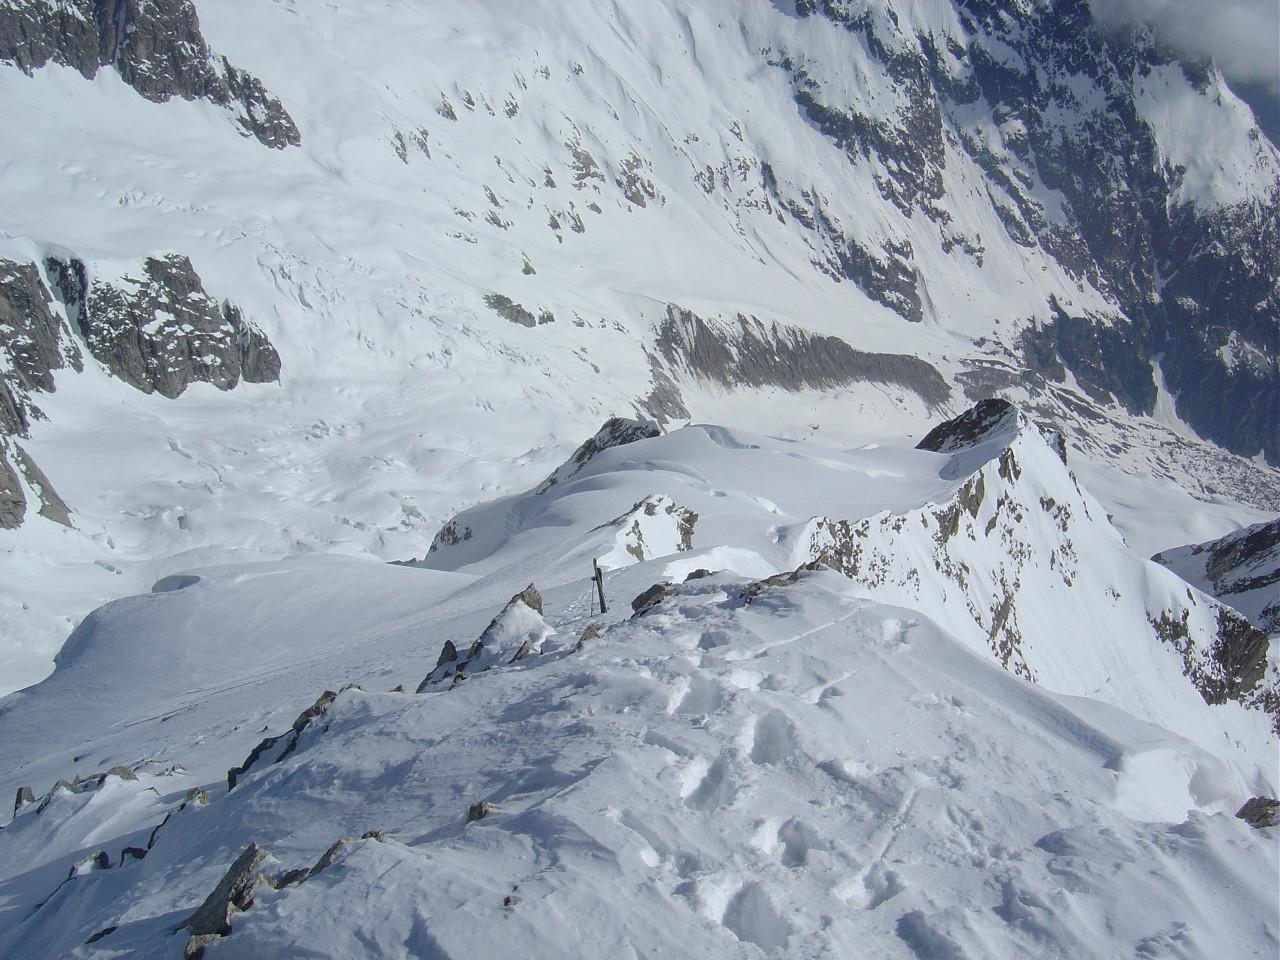 Dépôt des skis, 20m sous le sommet.